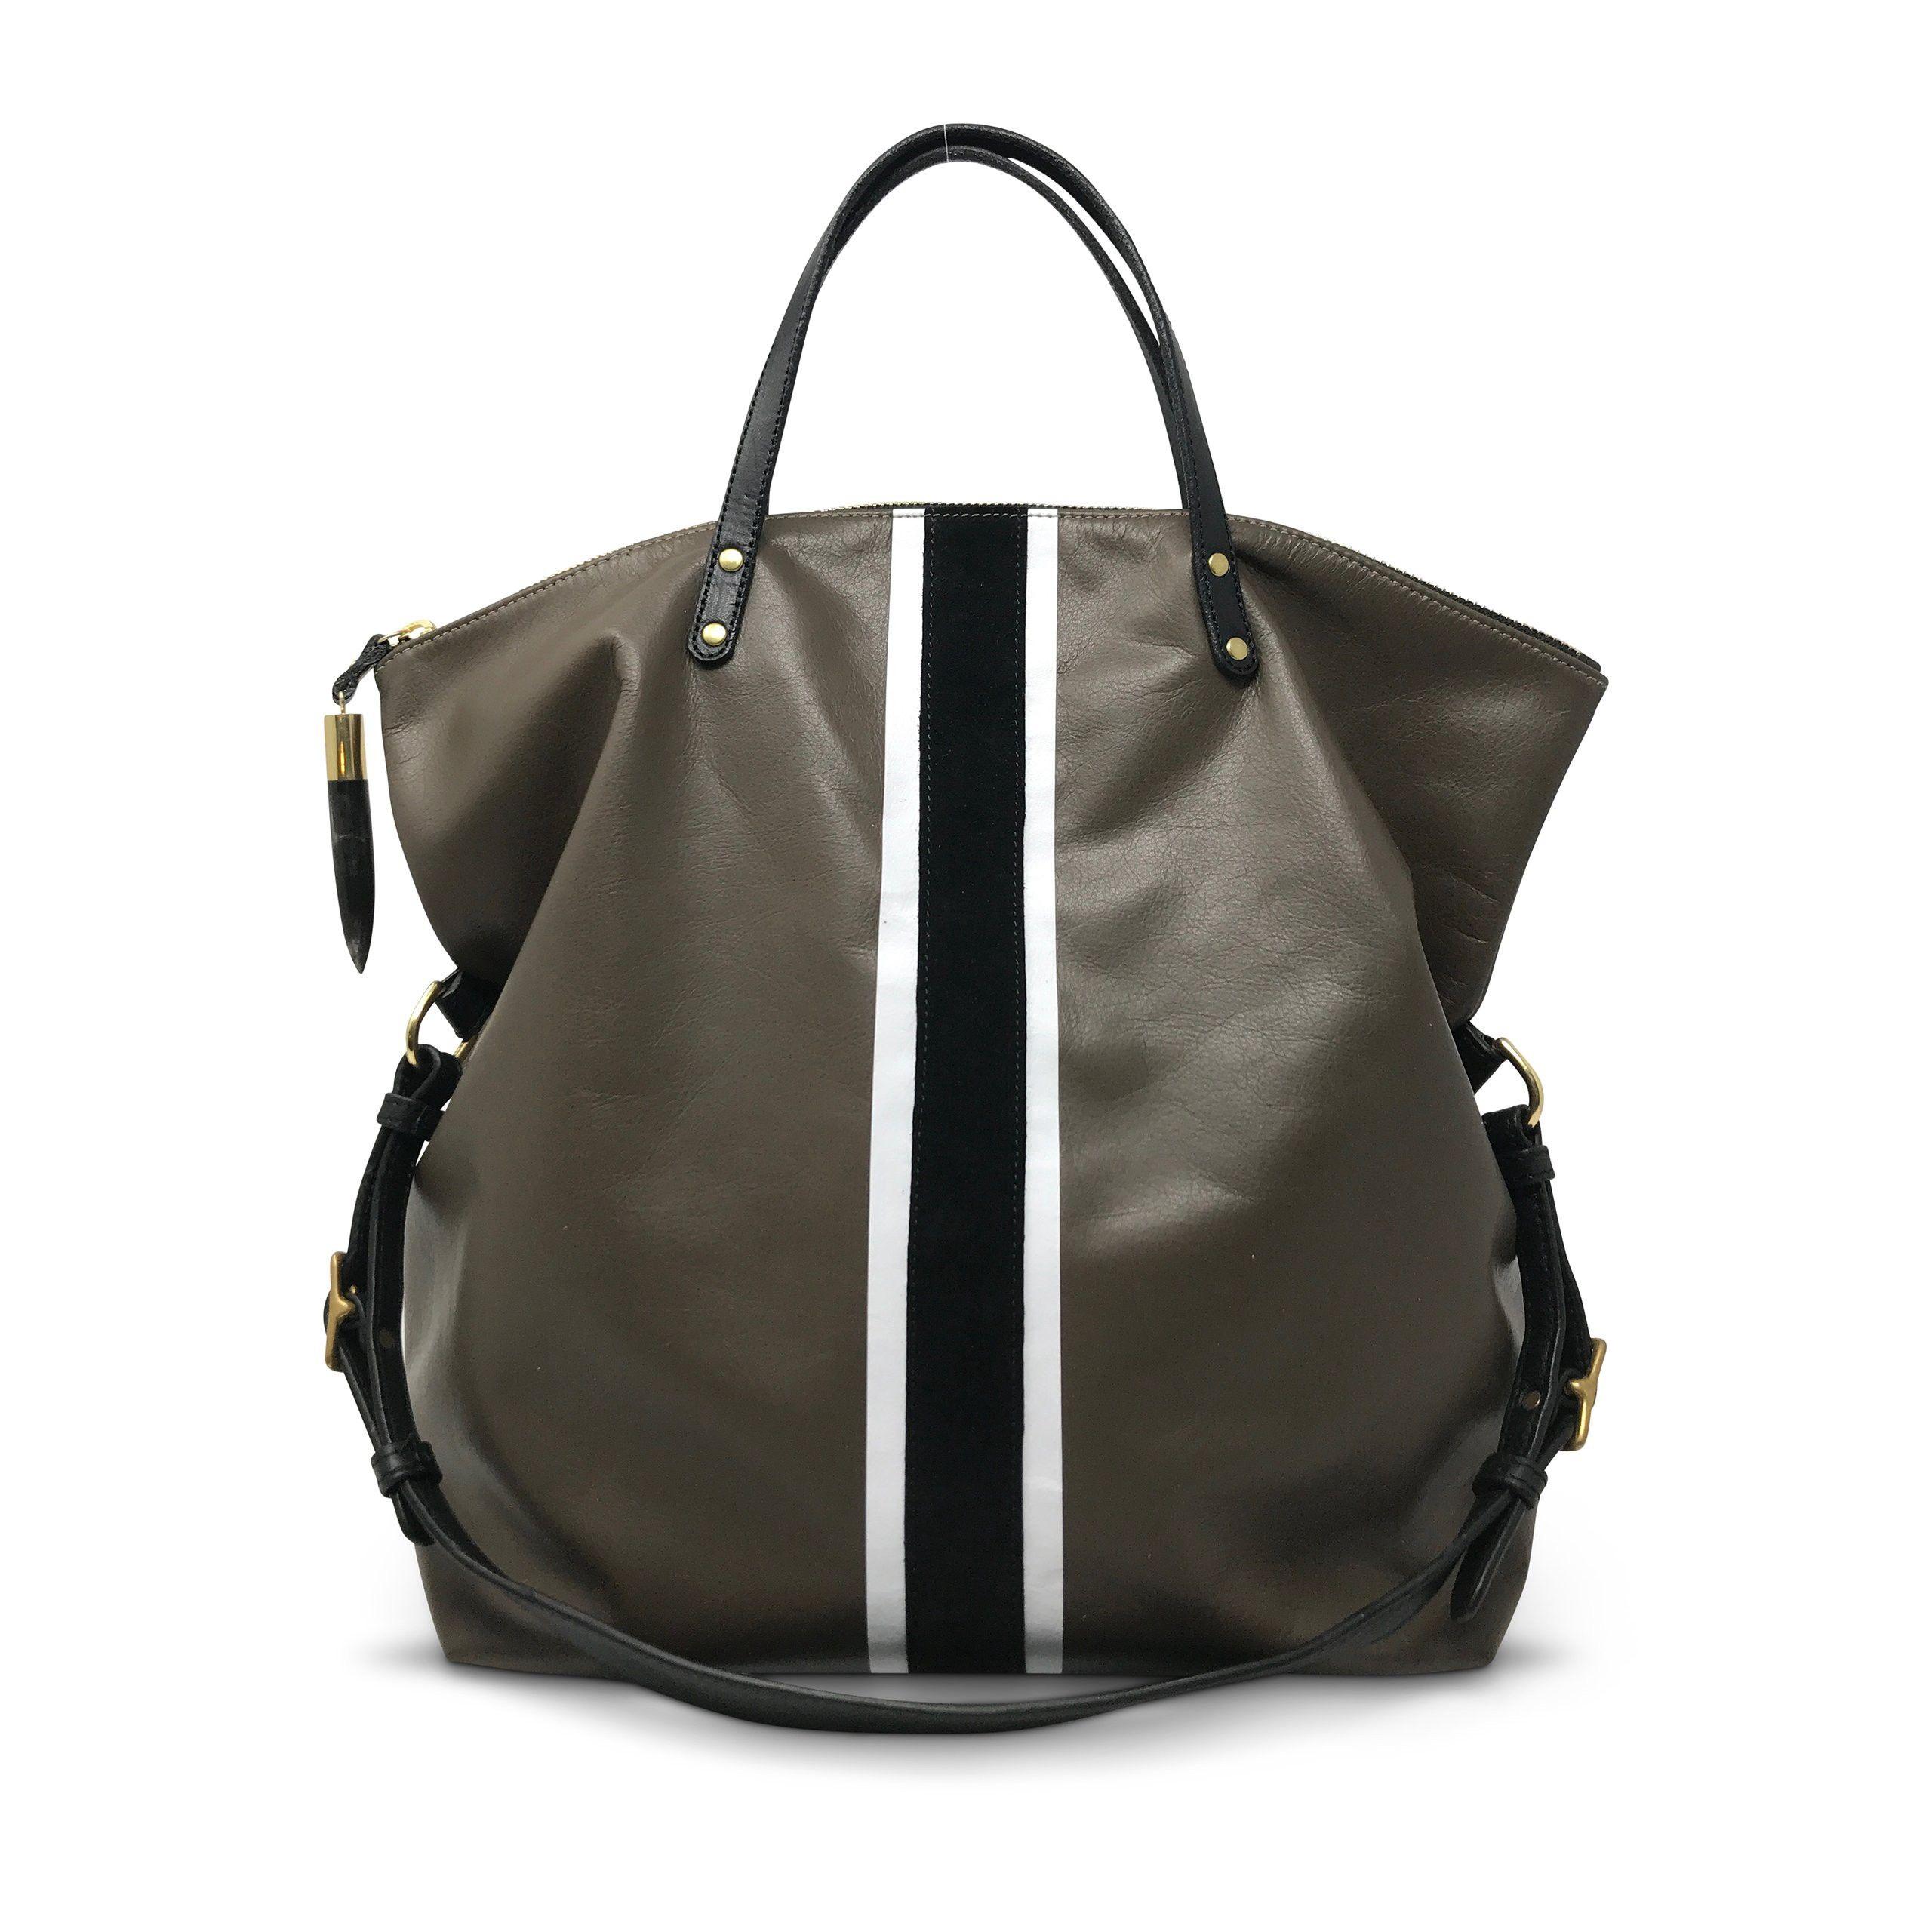 b66b876350 Morleigh Foldover Handbag Tote - Truffle with B+W Stripe by Kempton ...